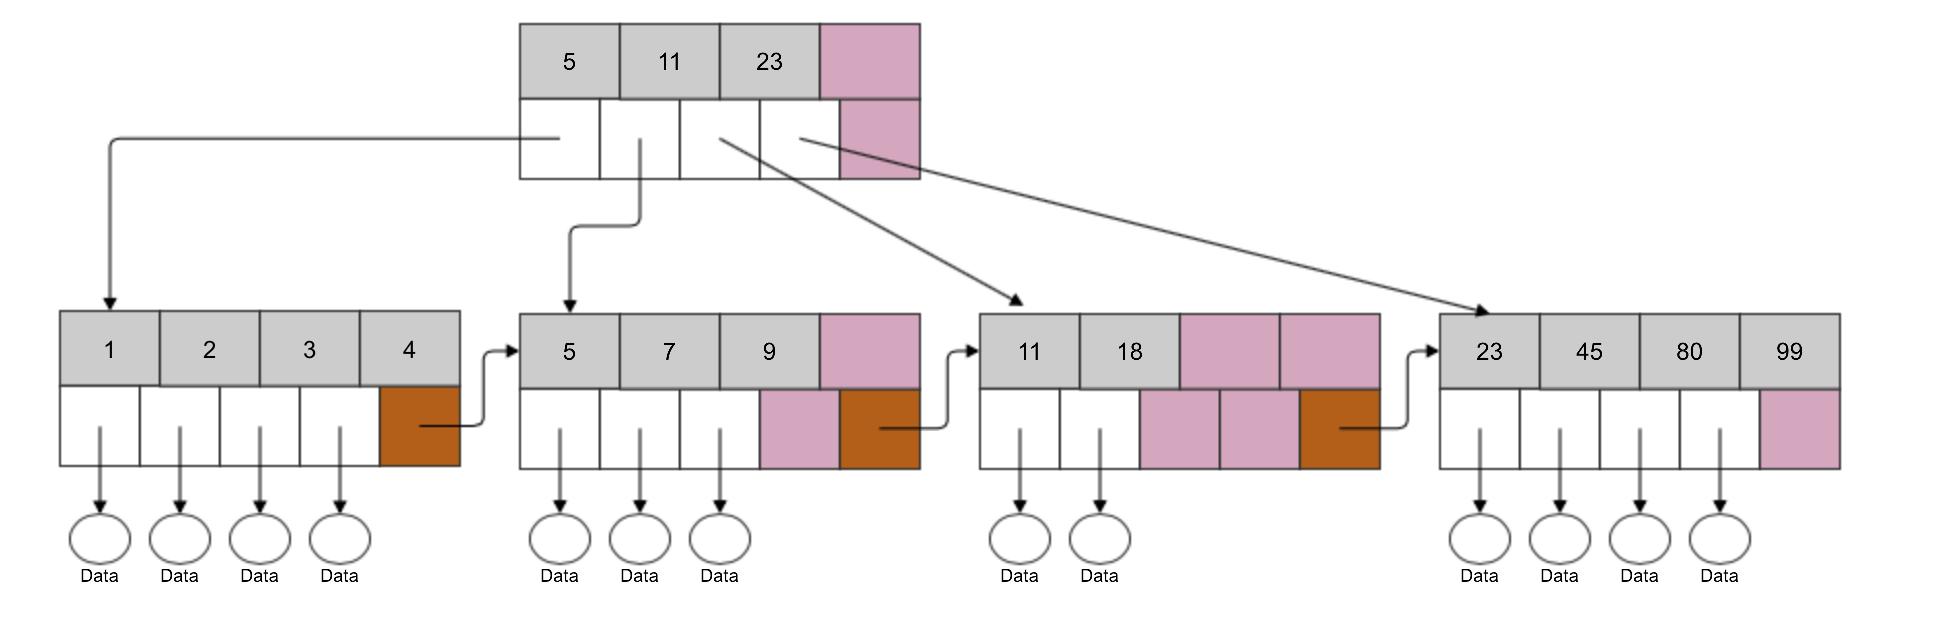 B-Tree Design: Root Node + 4 Leaf Nodes